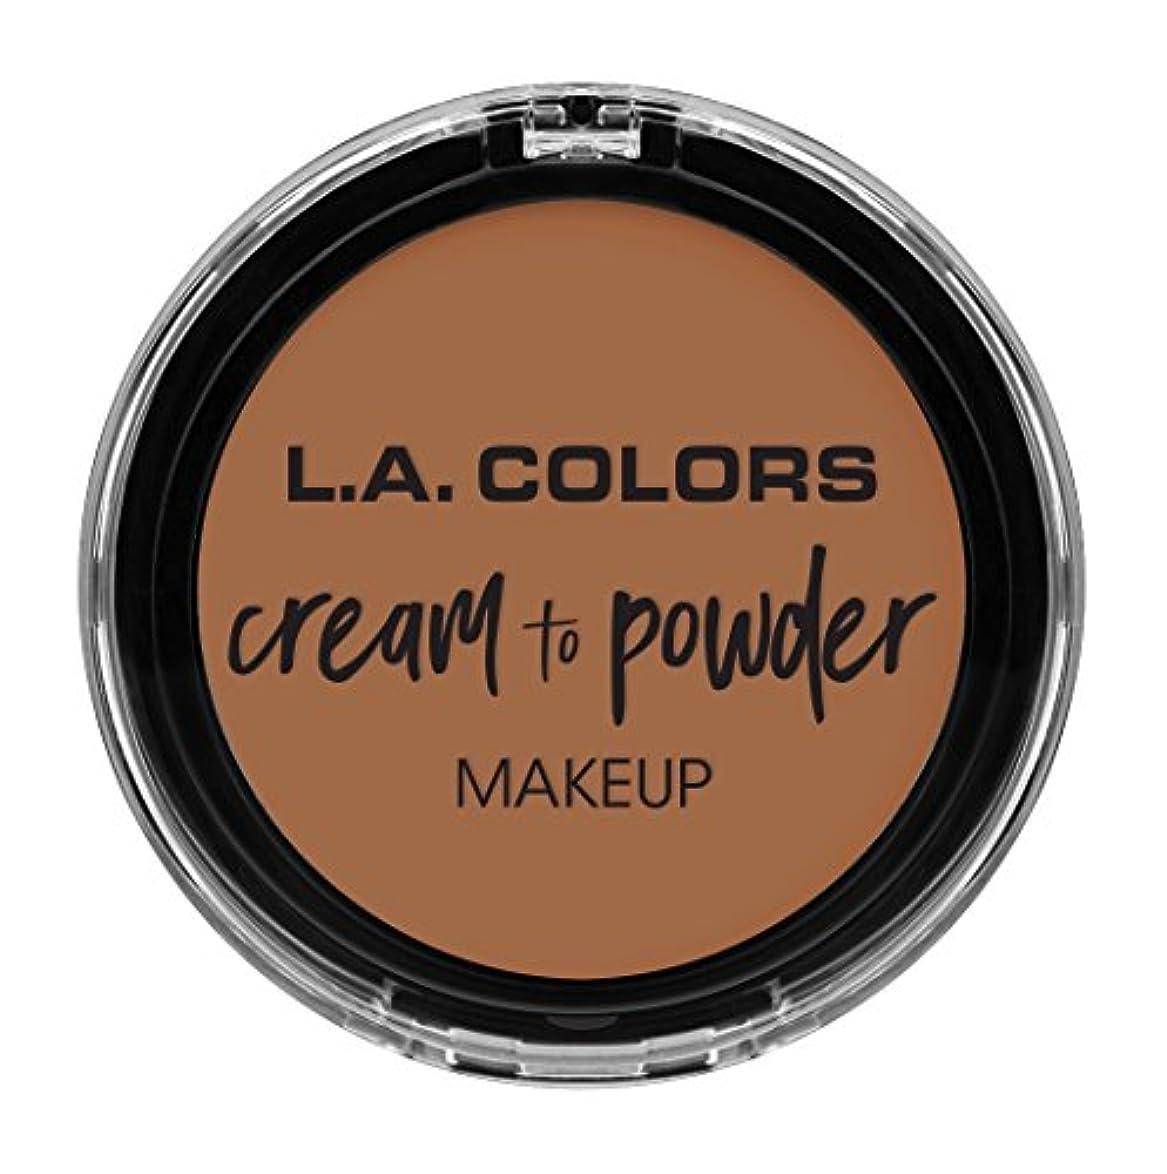 擬人モジュールありがたいL.A. COLORS Cream To Powder Foundation - Medium Beige (並行輸入品)